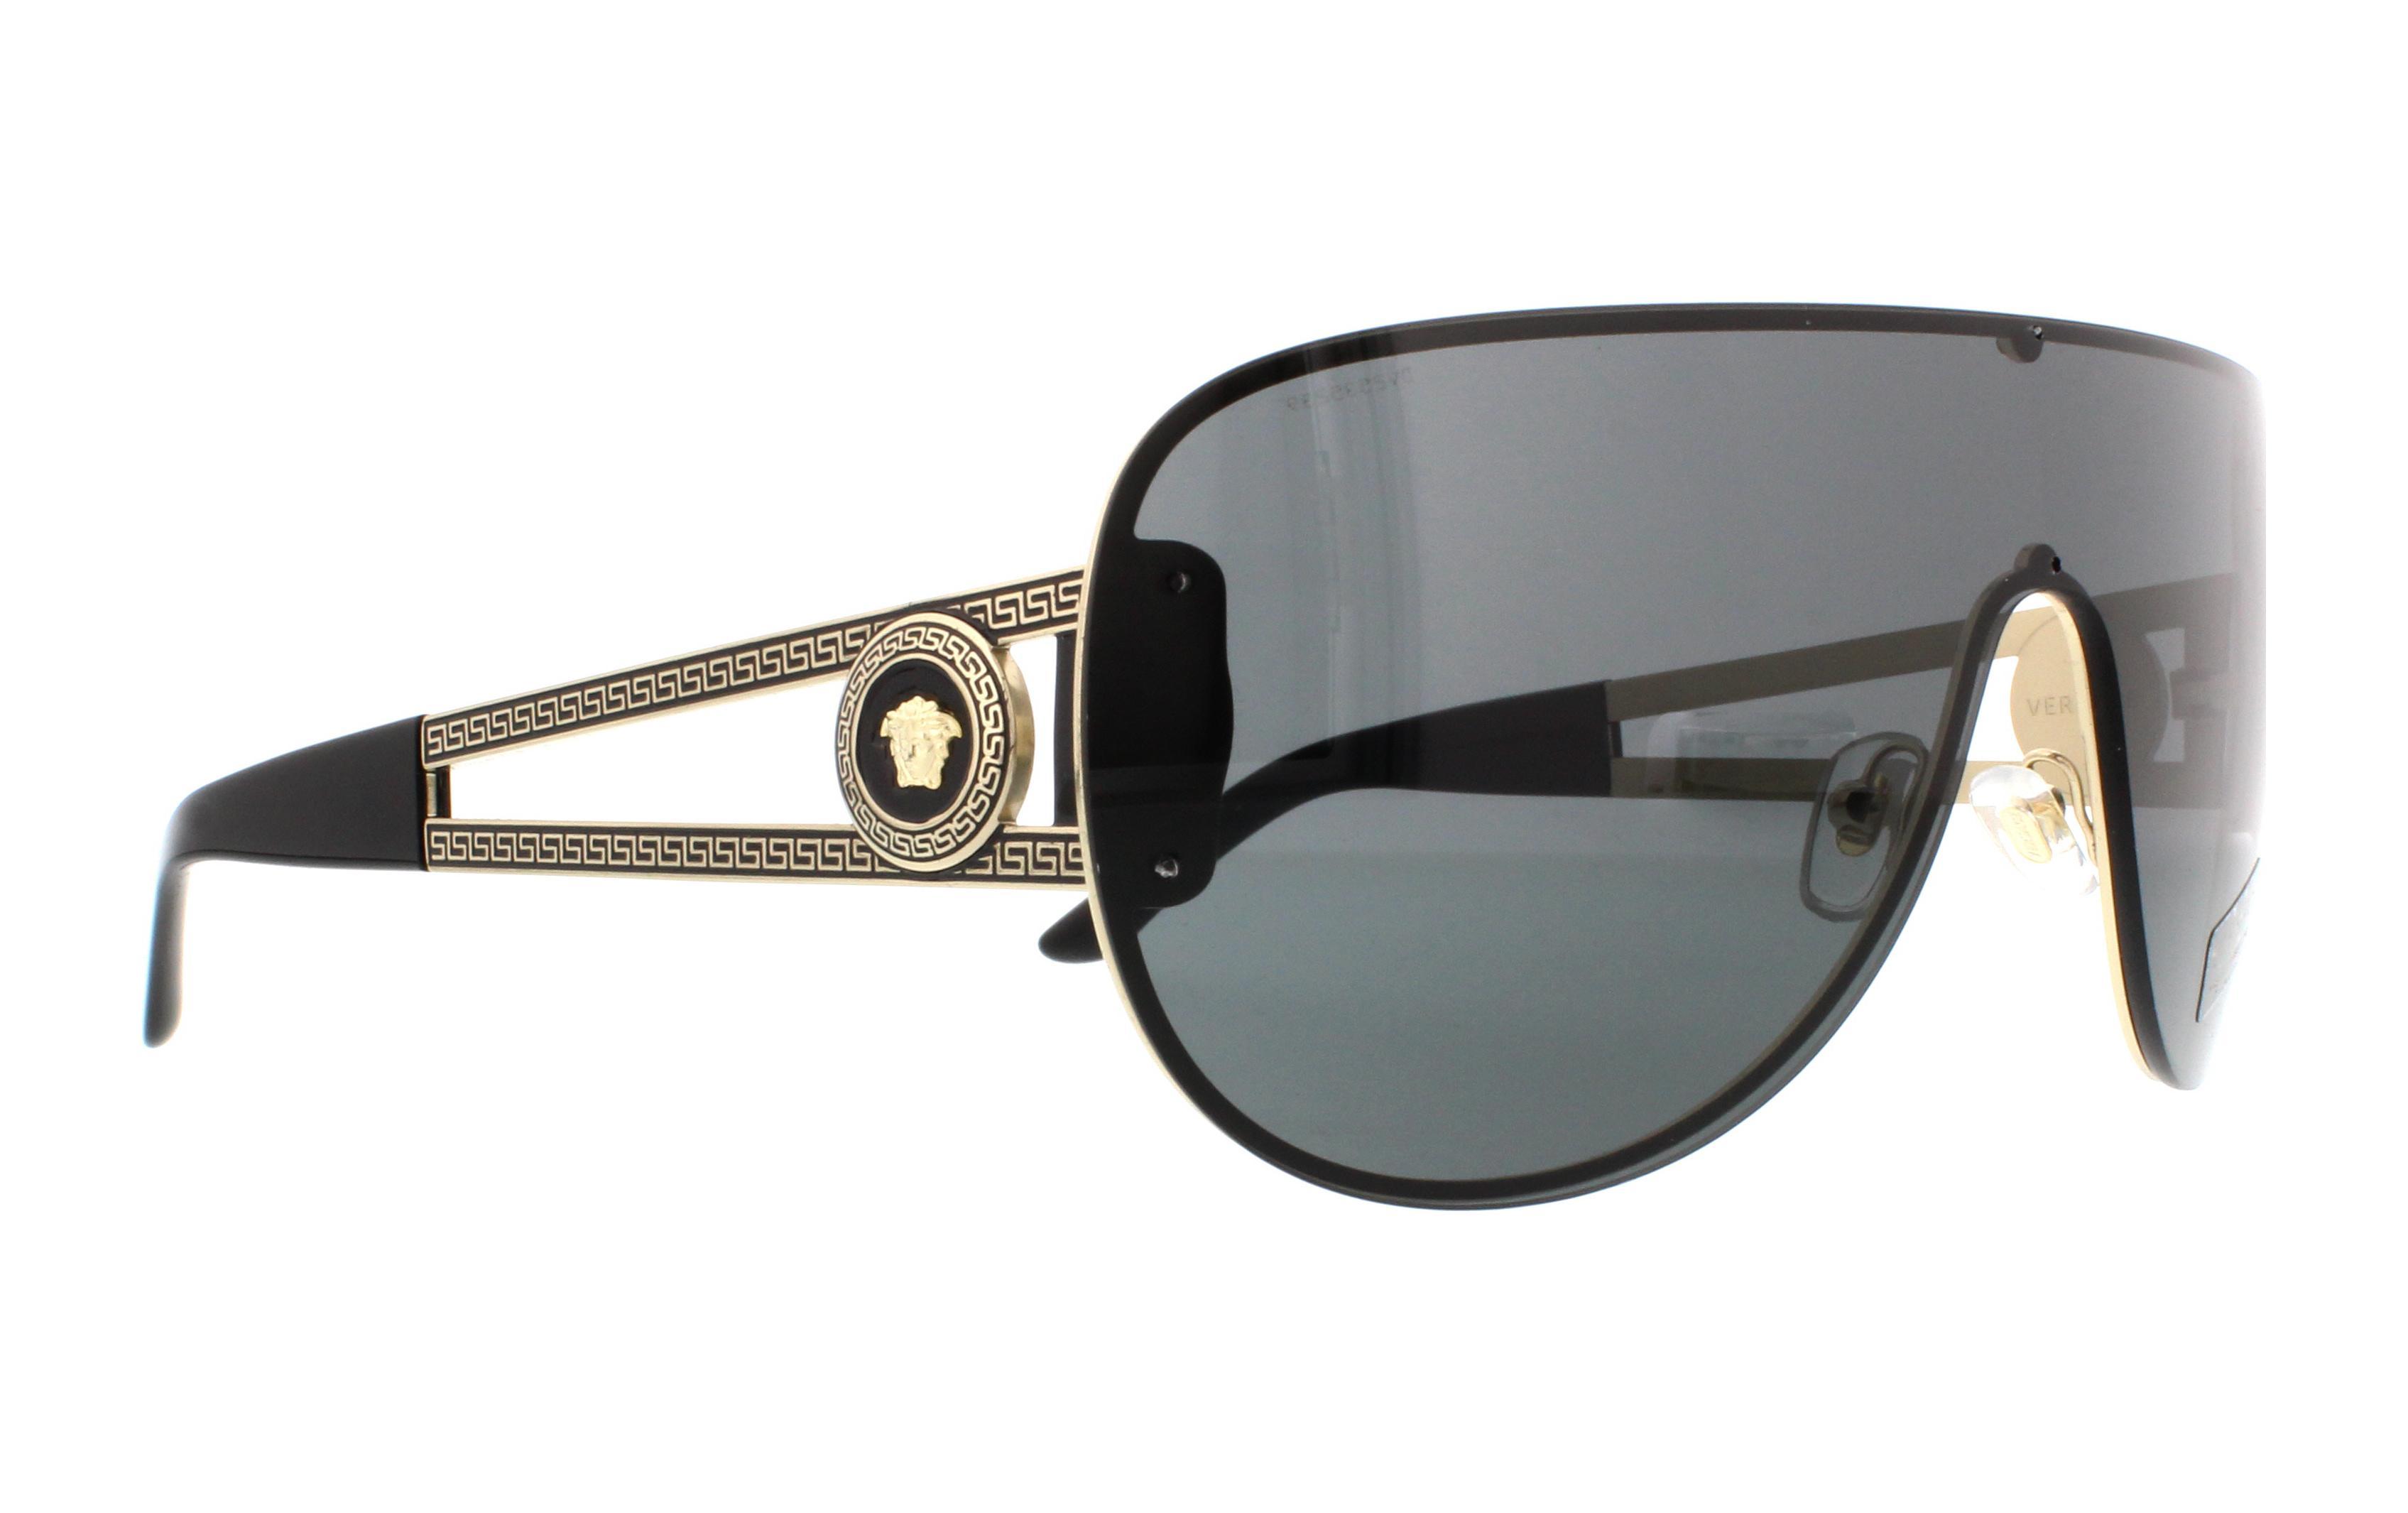 286d3f304da68 Designer Frames Outlet. Versace VE2166